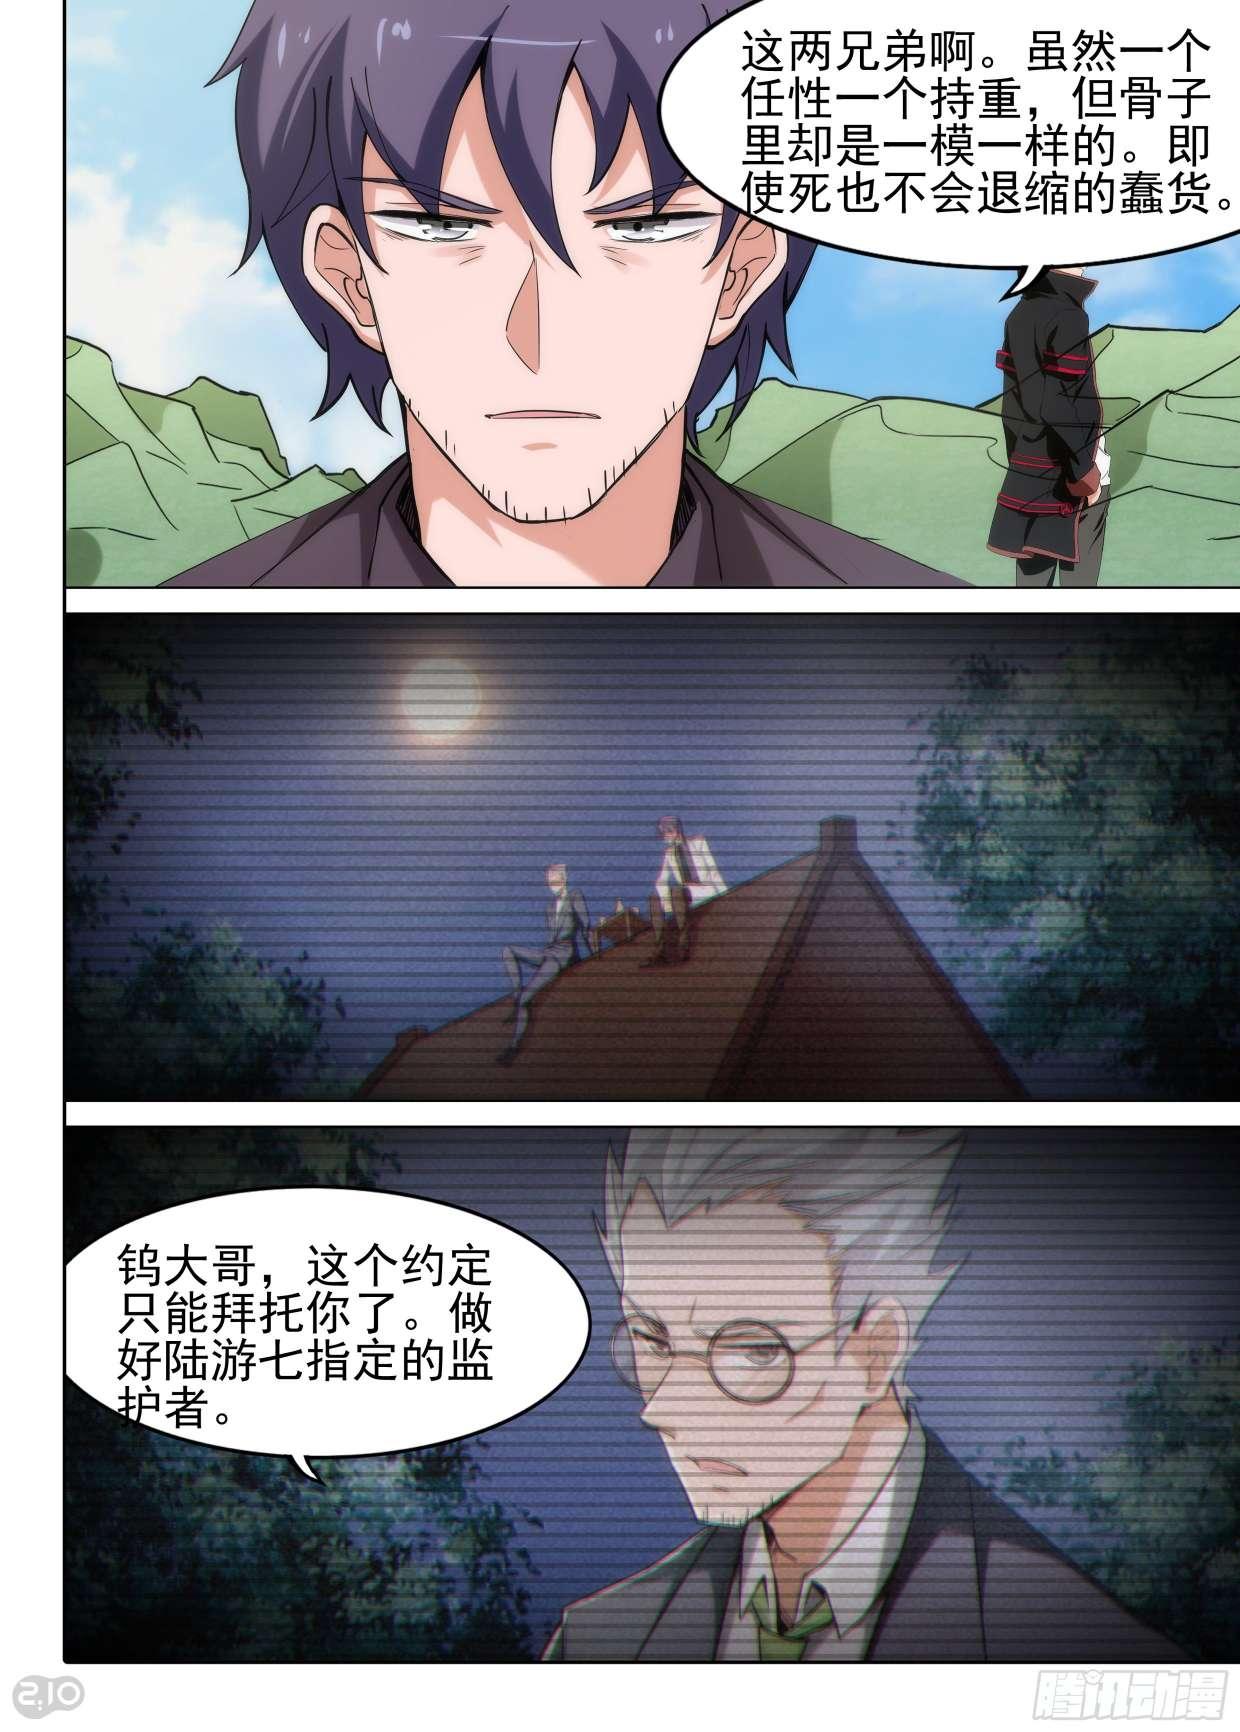 【漫画更新】银之守墓人    第620墓